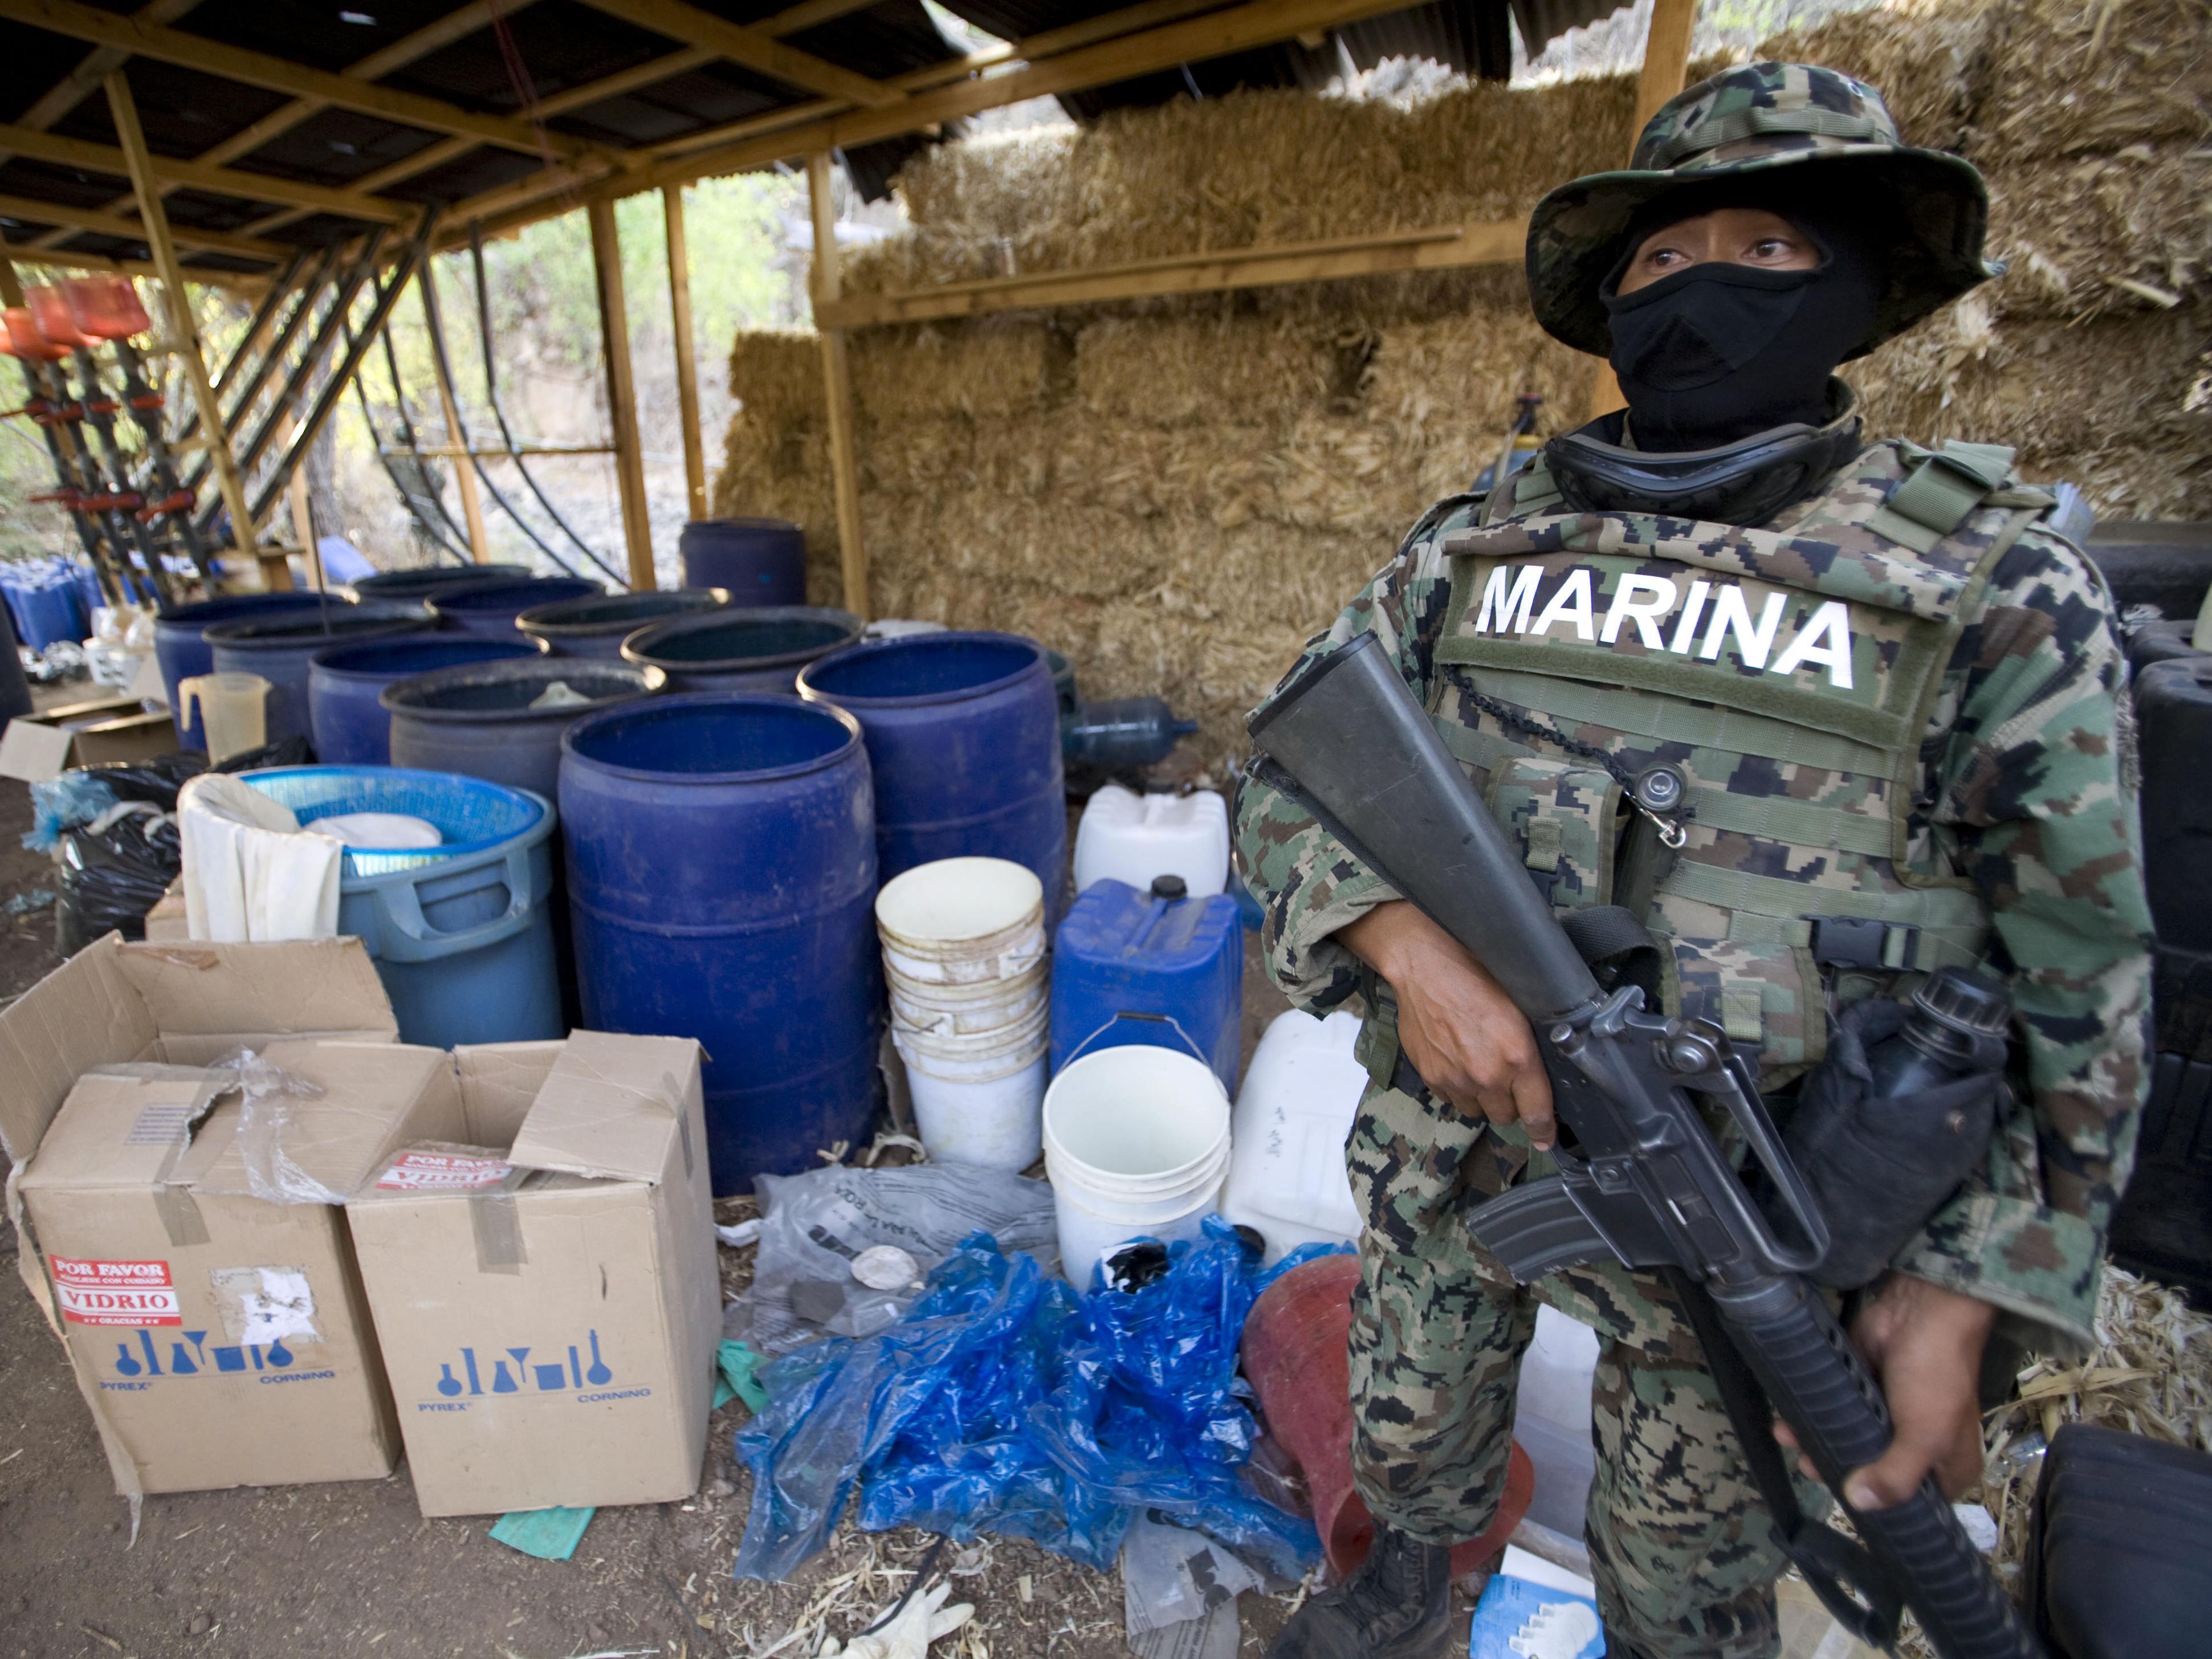 Laboratoire clandestin de drogue dans l'État du Sinaloa, au Mexique